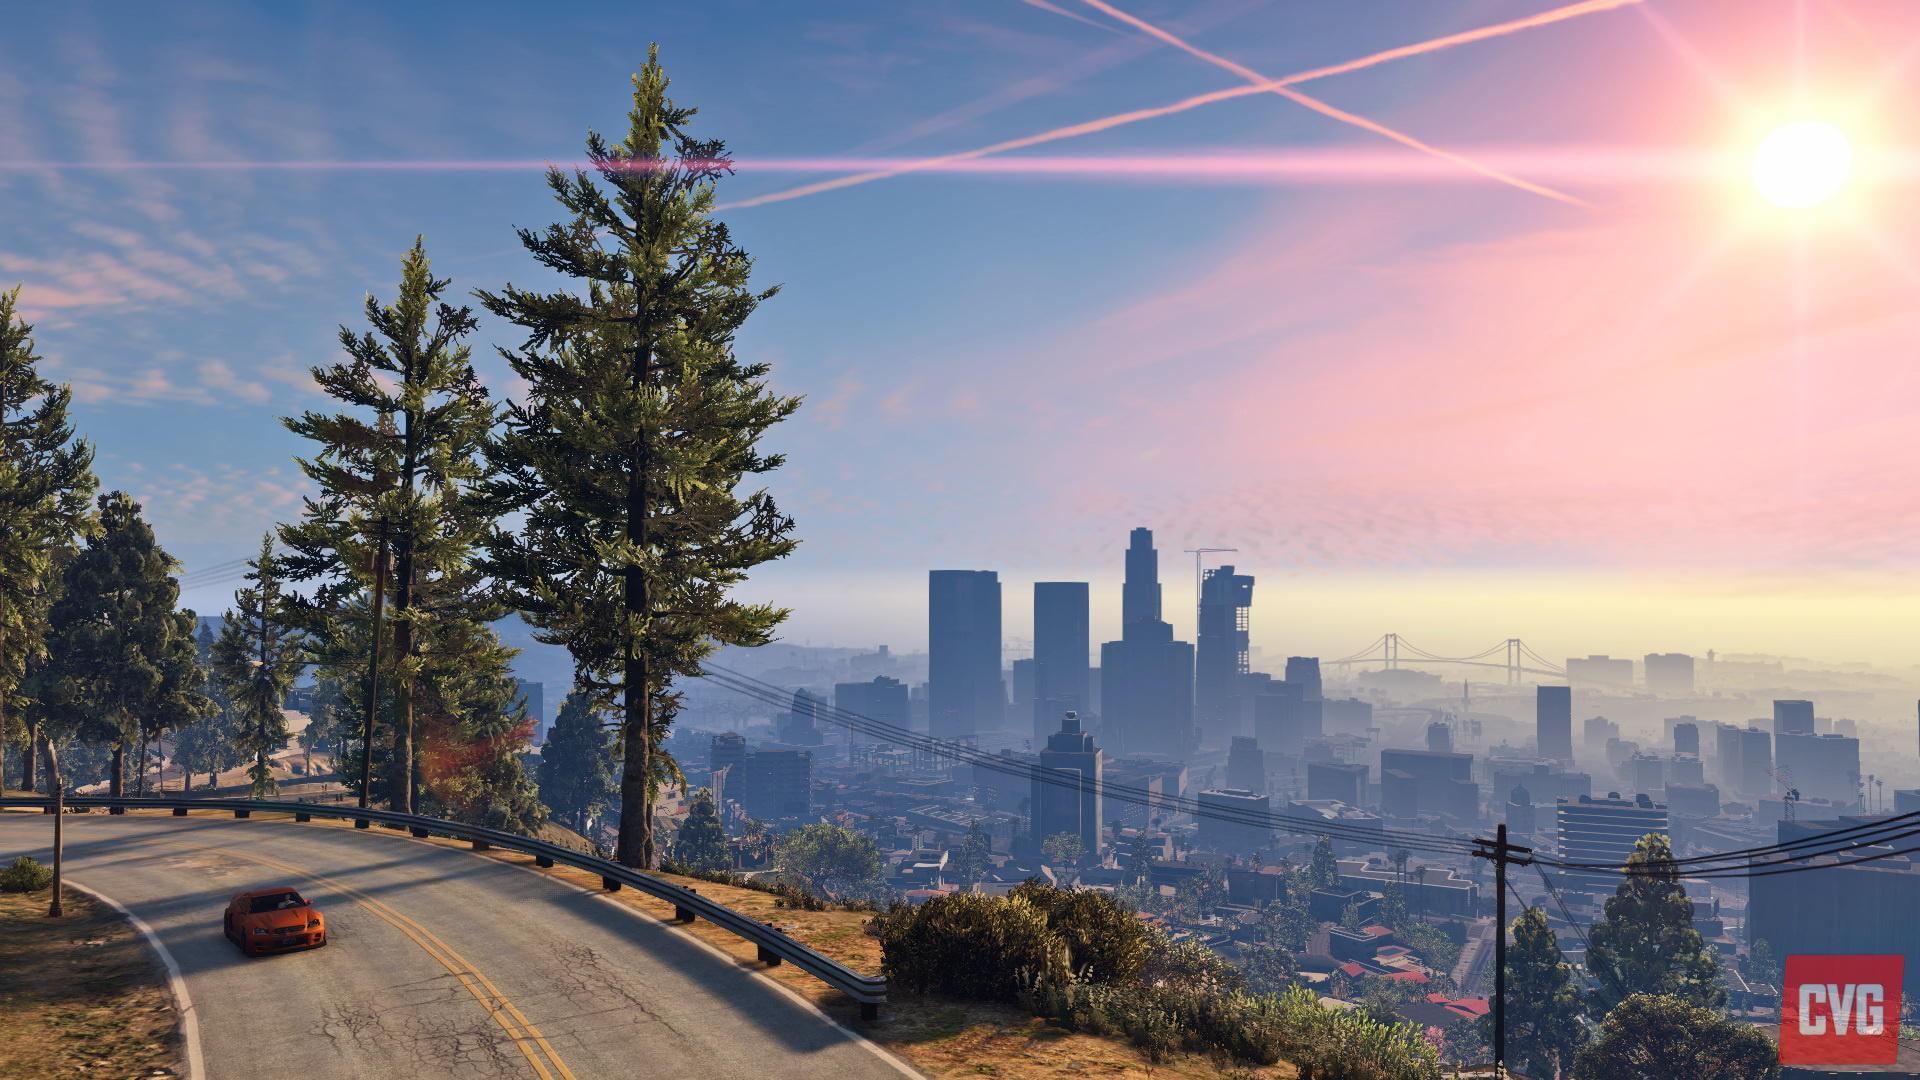 Explosivo! Trailer de gameplay de GTA V confirma modo em primeira pessoa